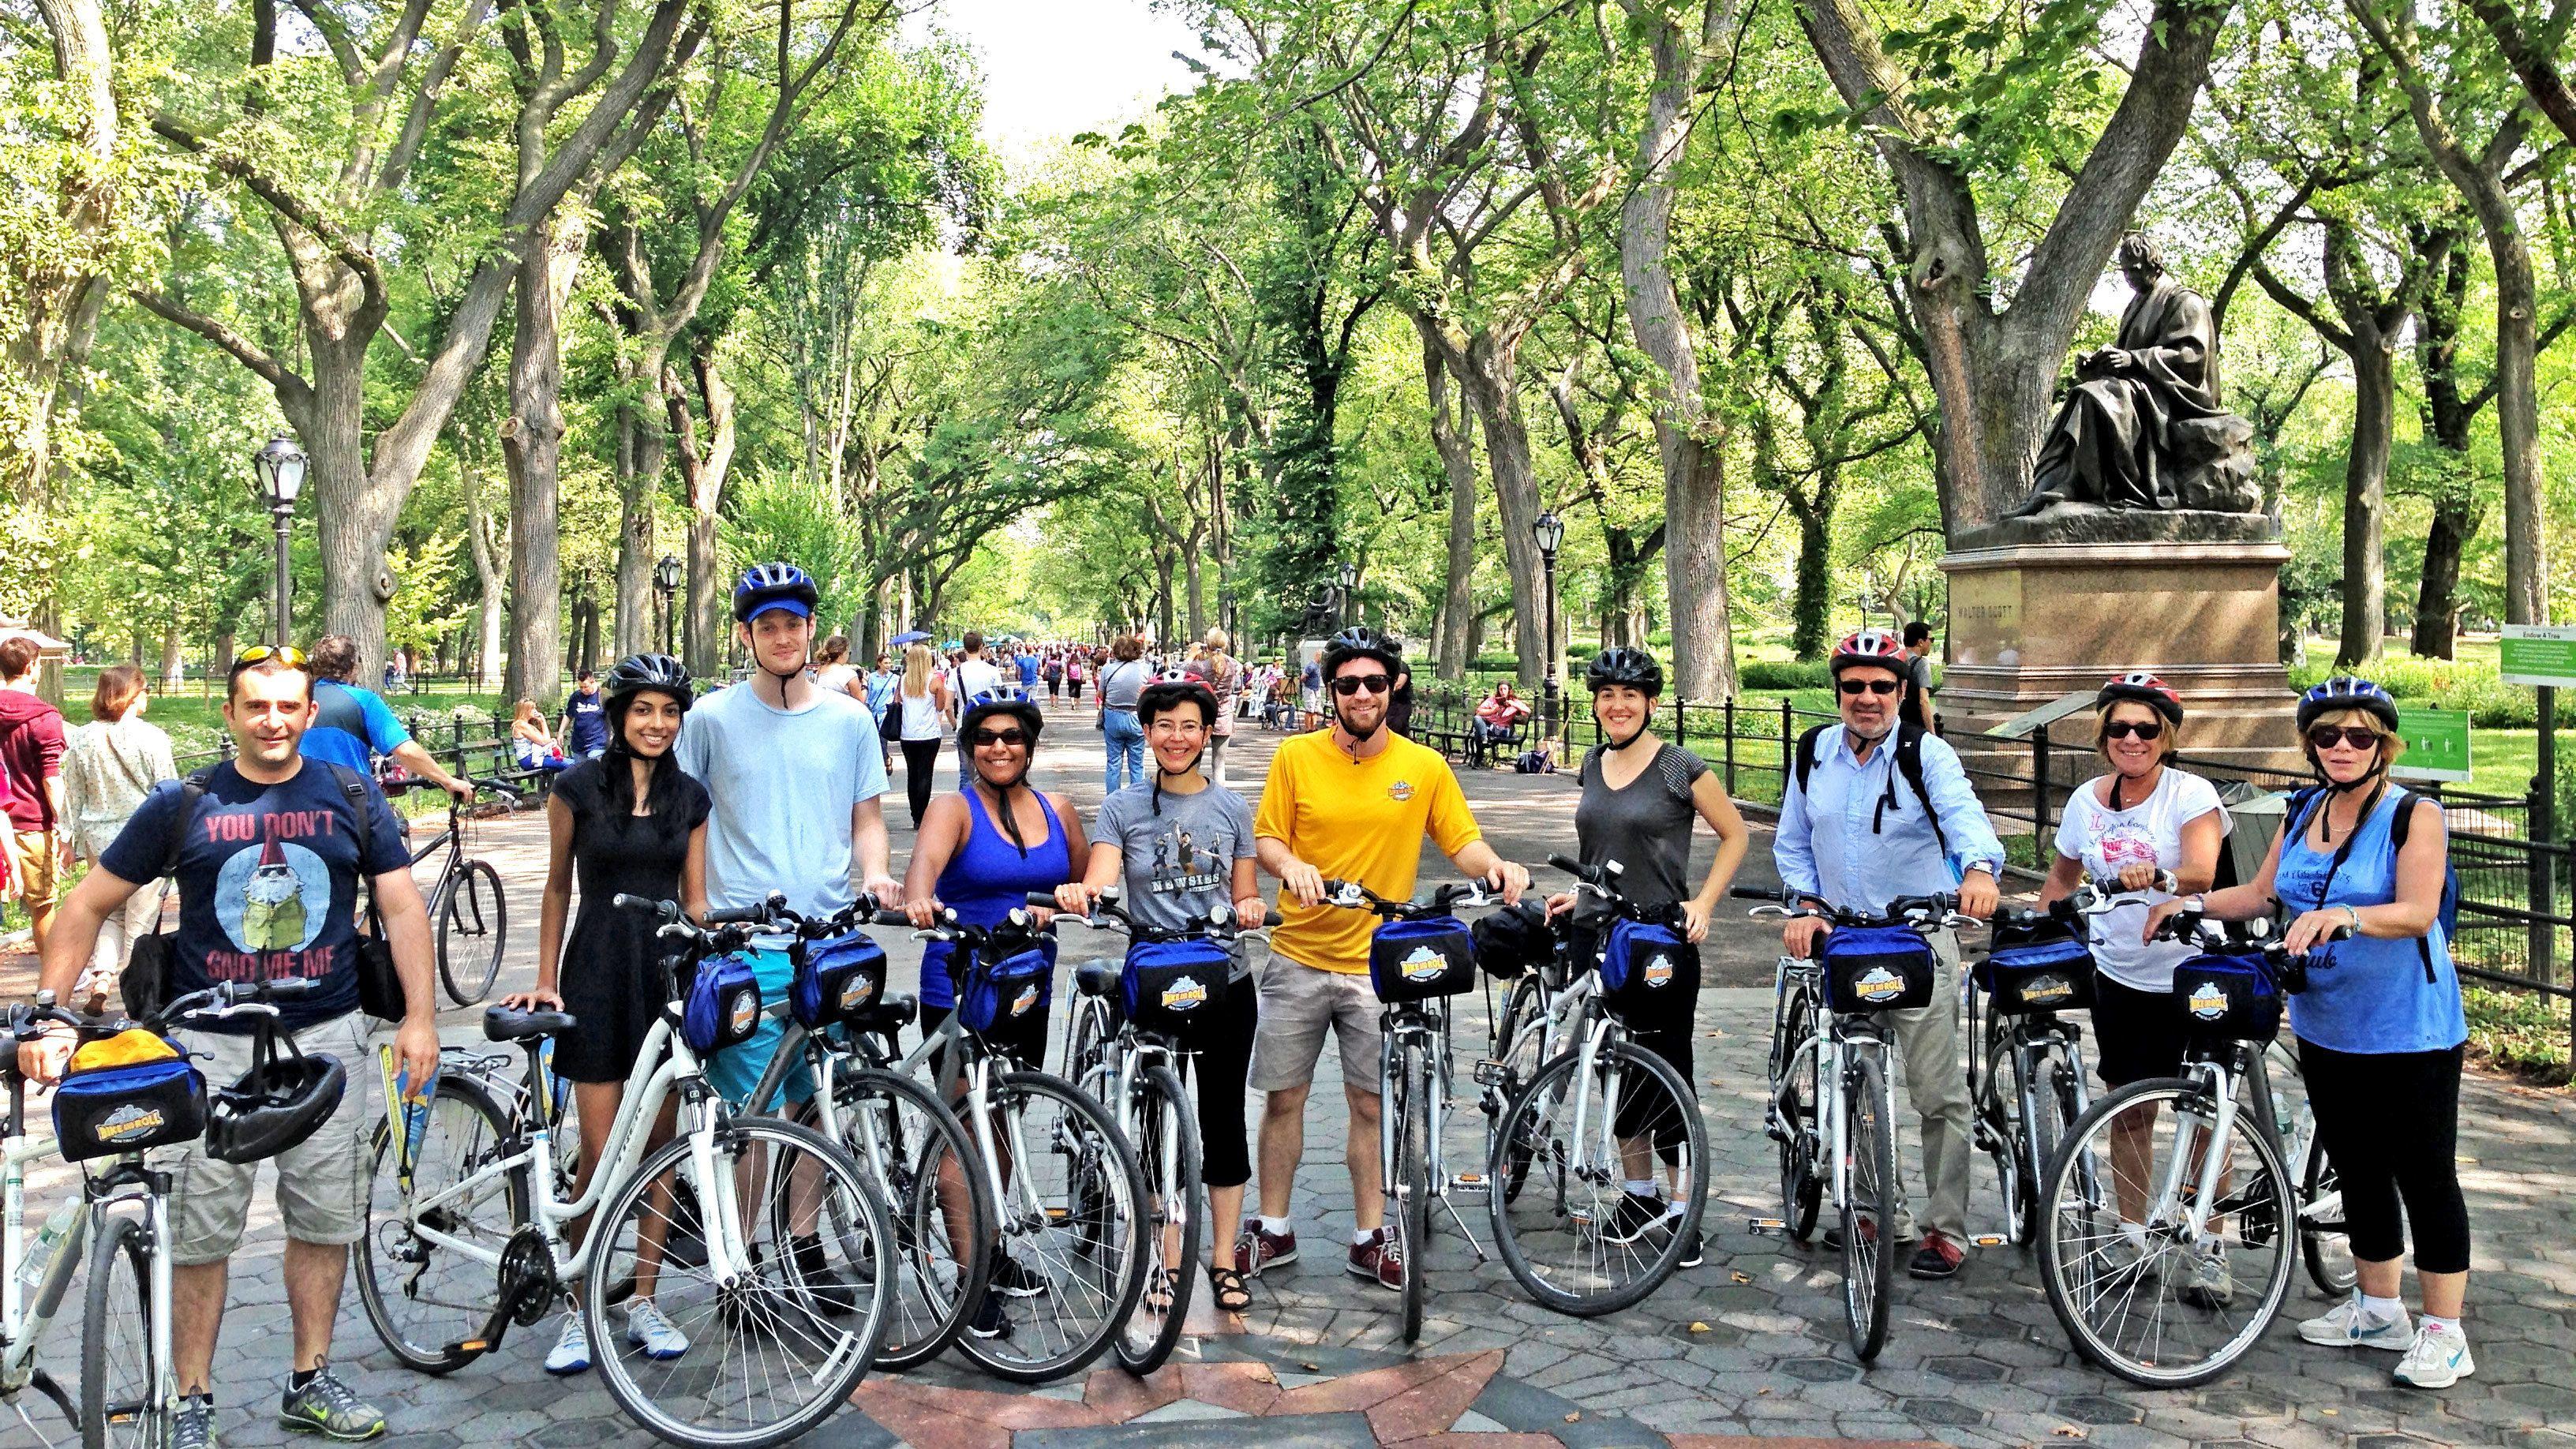 The Original Central Park Bike Tour